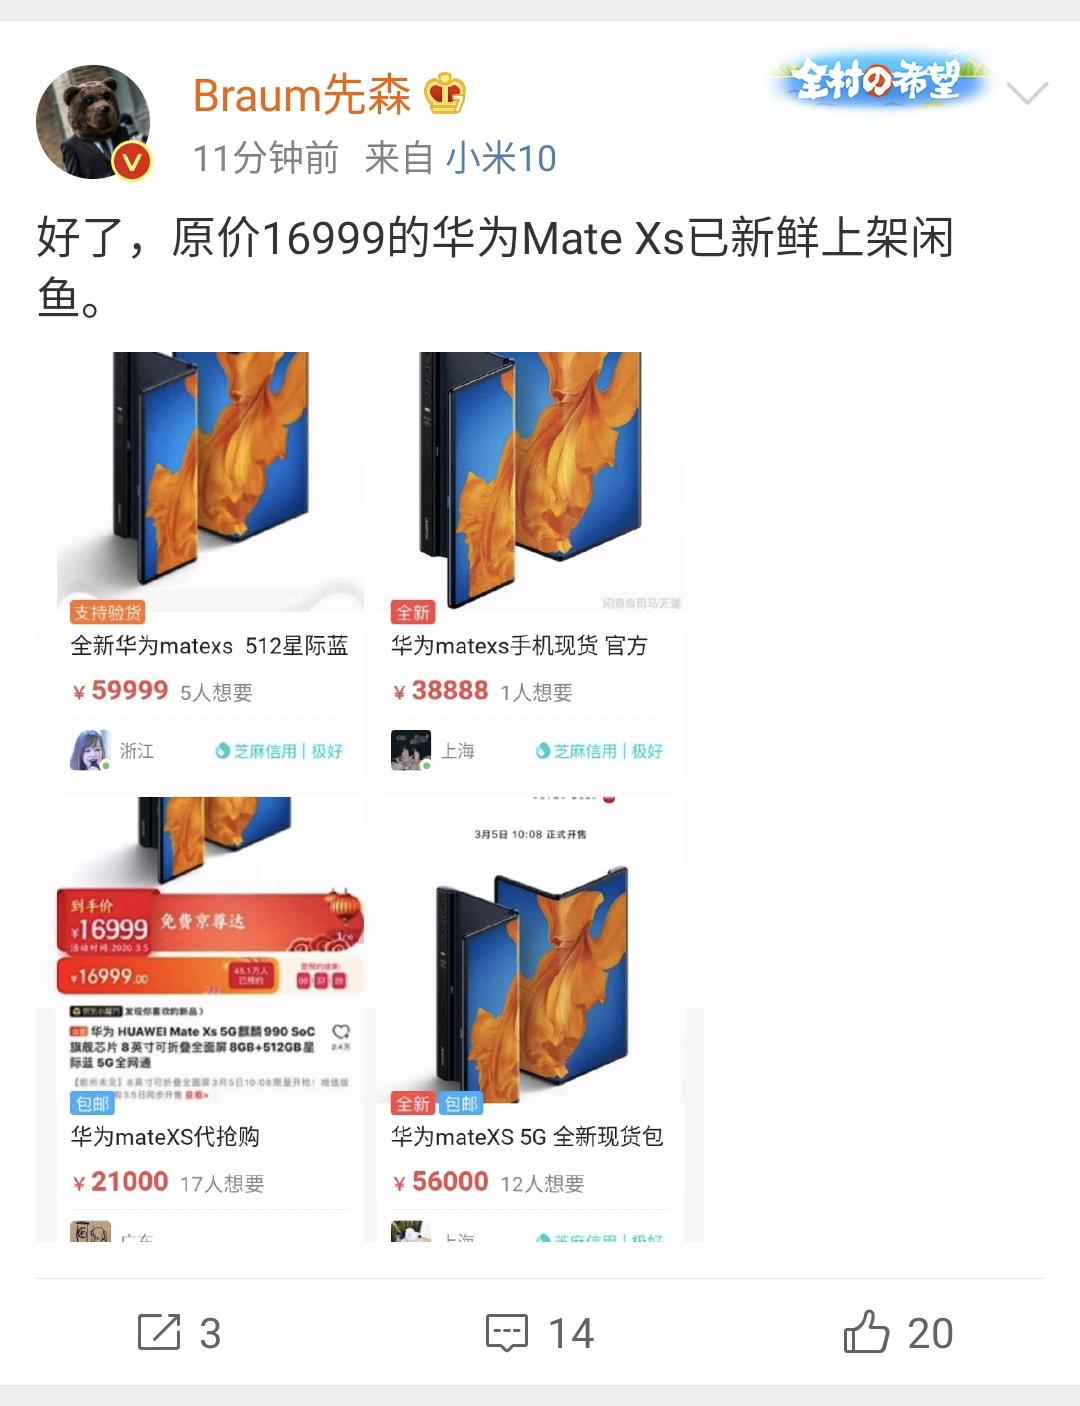 华为Mate Xs开卖一机难求,平台加价至少几万,被网友讽刺